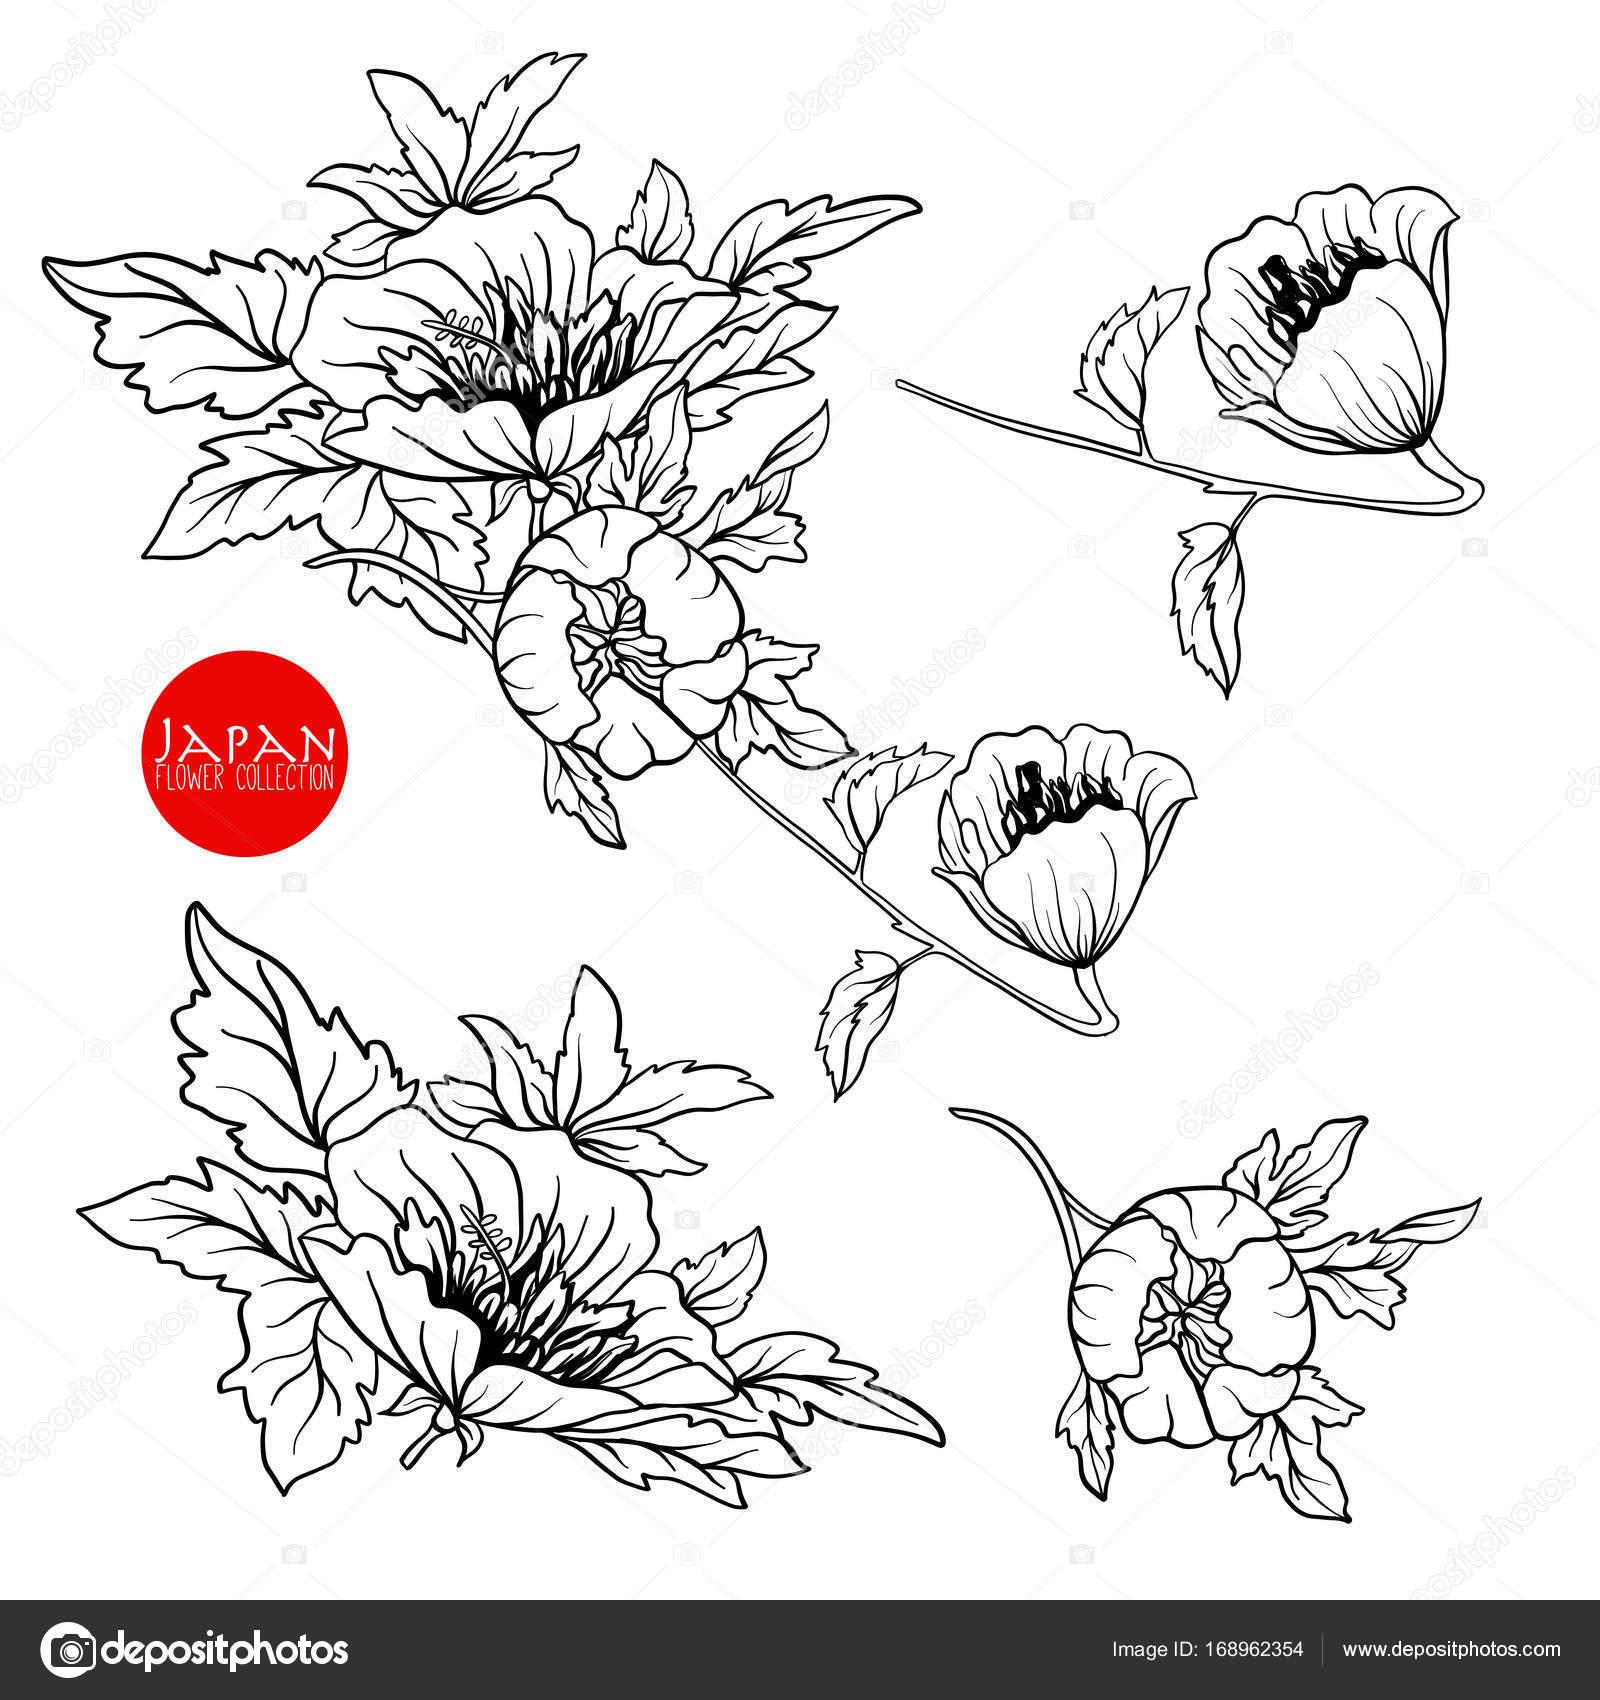 Blüten am Zweig. Lager Linie Vektor Illustration botanischen Blume ...